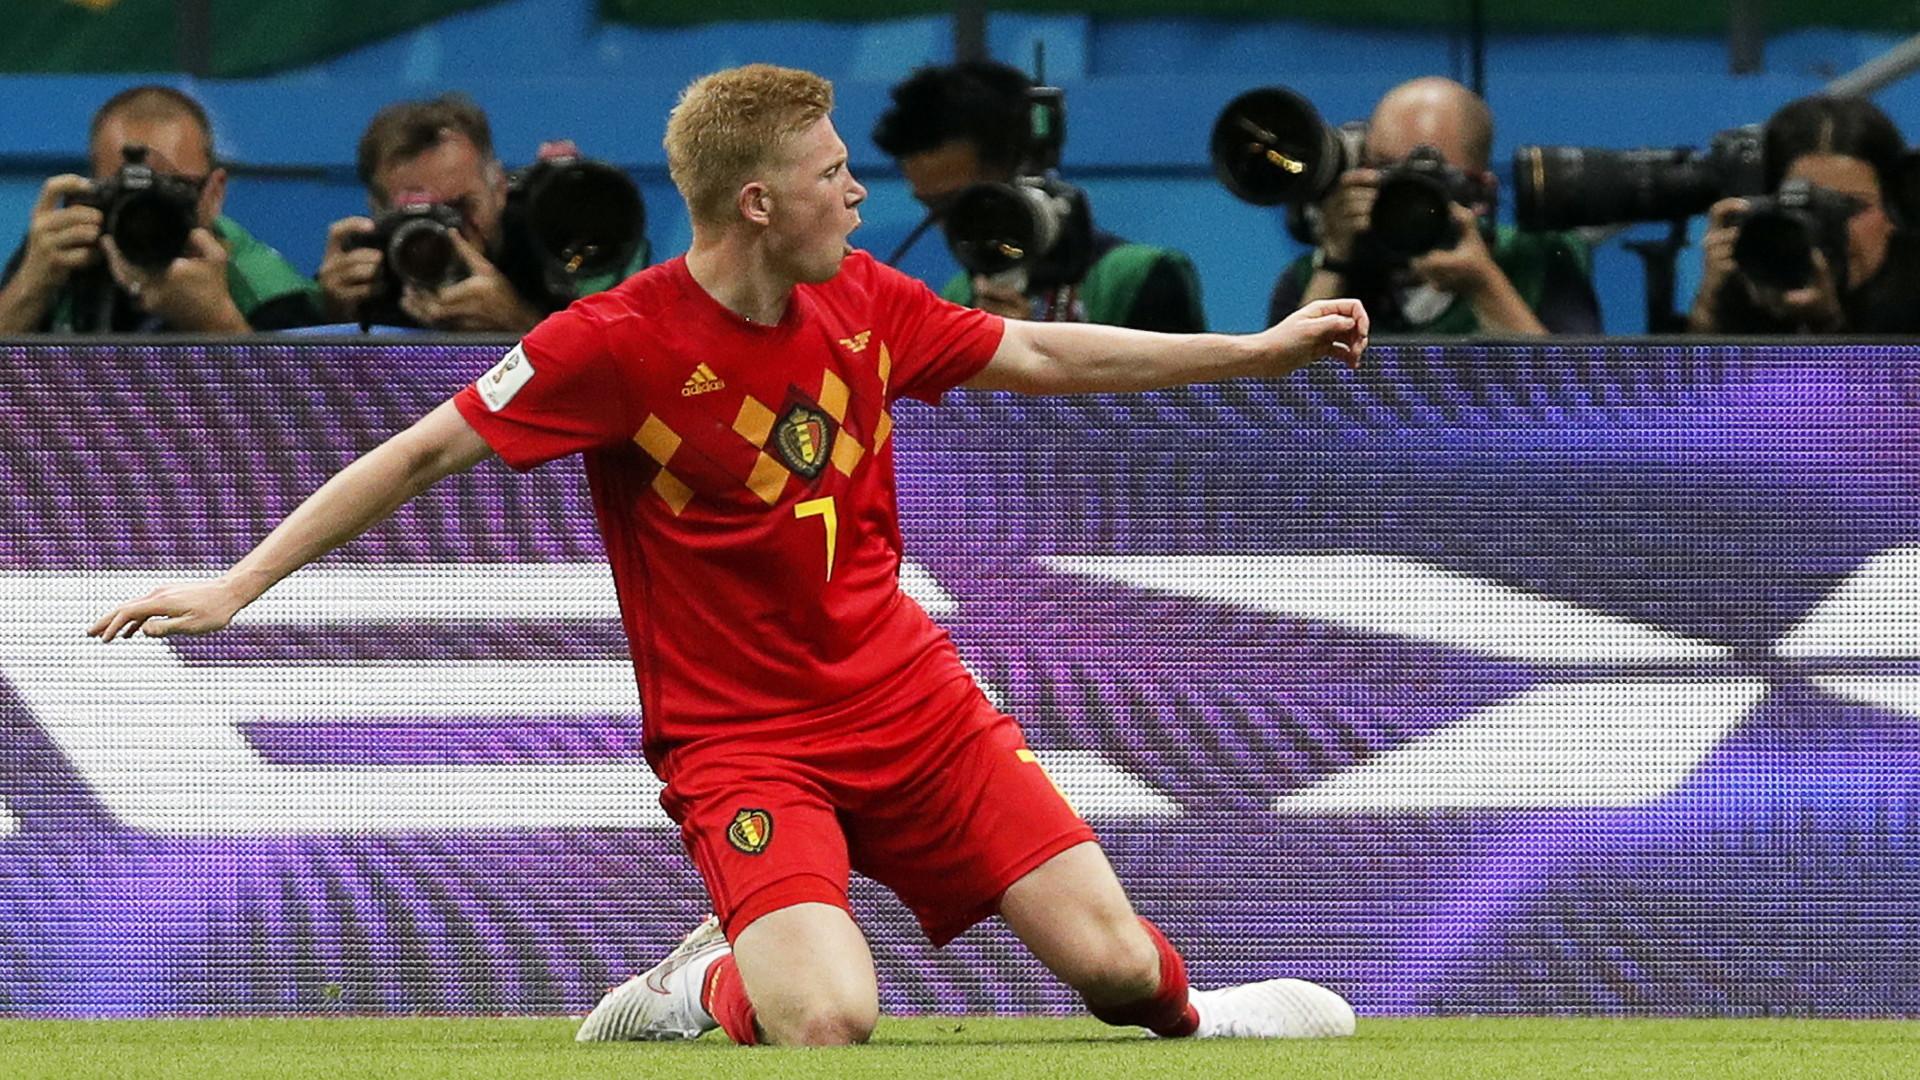 f3edd97dd Rosja 2018: Wspaniały mecz w Kazaniu. Belgia wyeliminowała Brazylię i zagra  z Francją o finał [23. DZIEŃ MUNDIALU] - Rosja 2018 - polskieradio24.pl